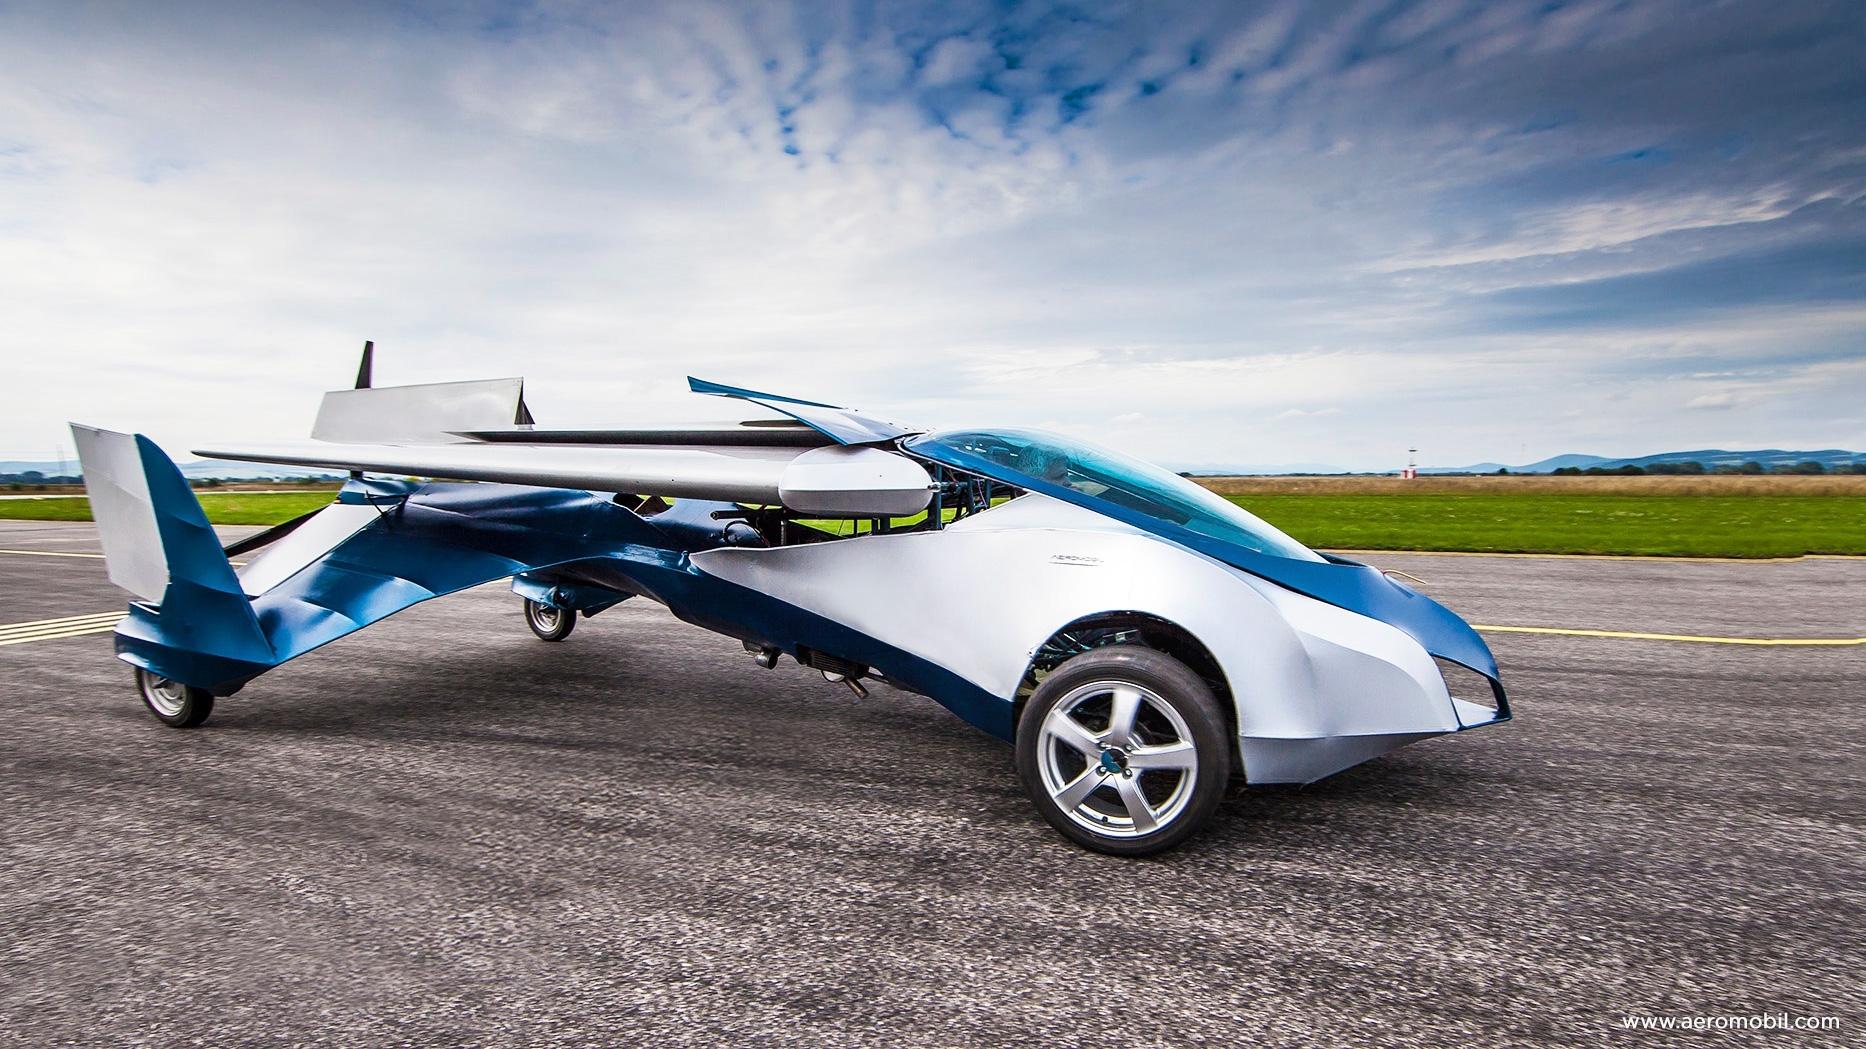 la voiture volante devient r alit. Black Bedroom Furniture Sets. Home Design Ideas